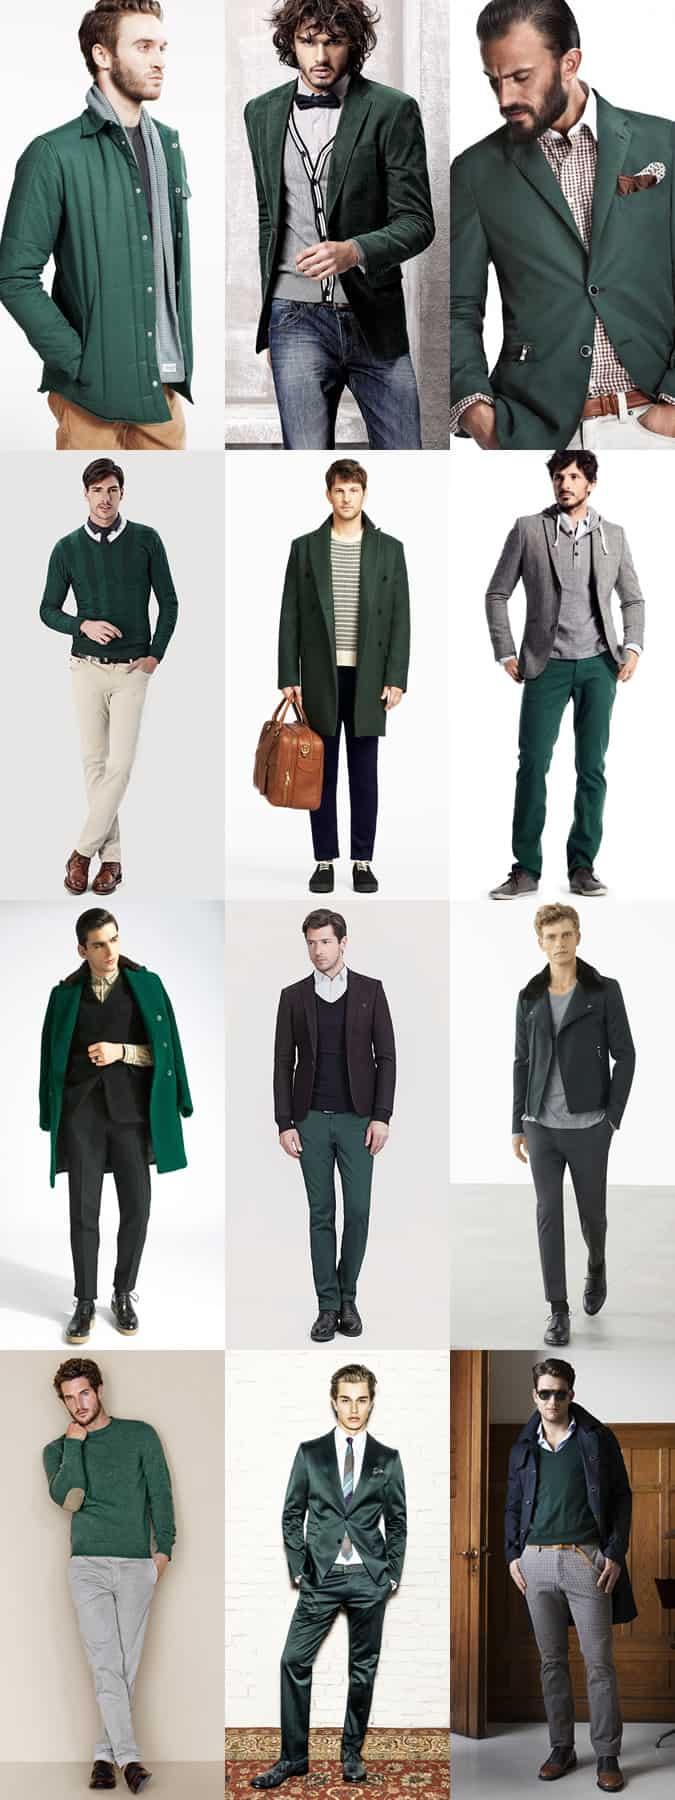 Mens Aw13 Key Colour Trend Emerald Green Fashionbeans